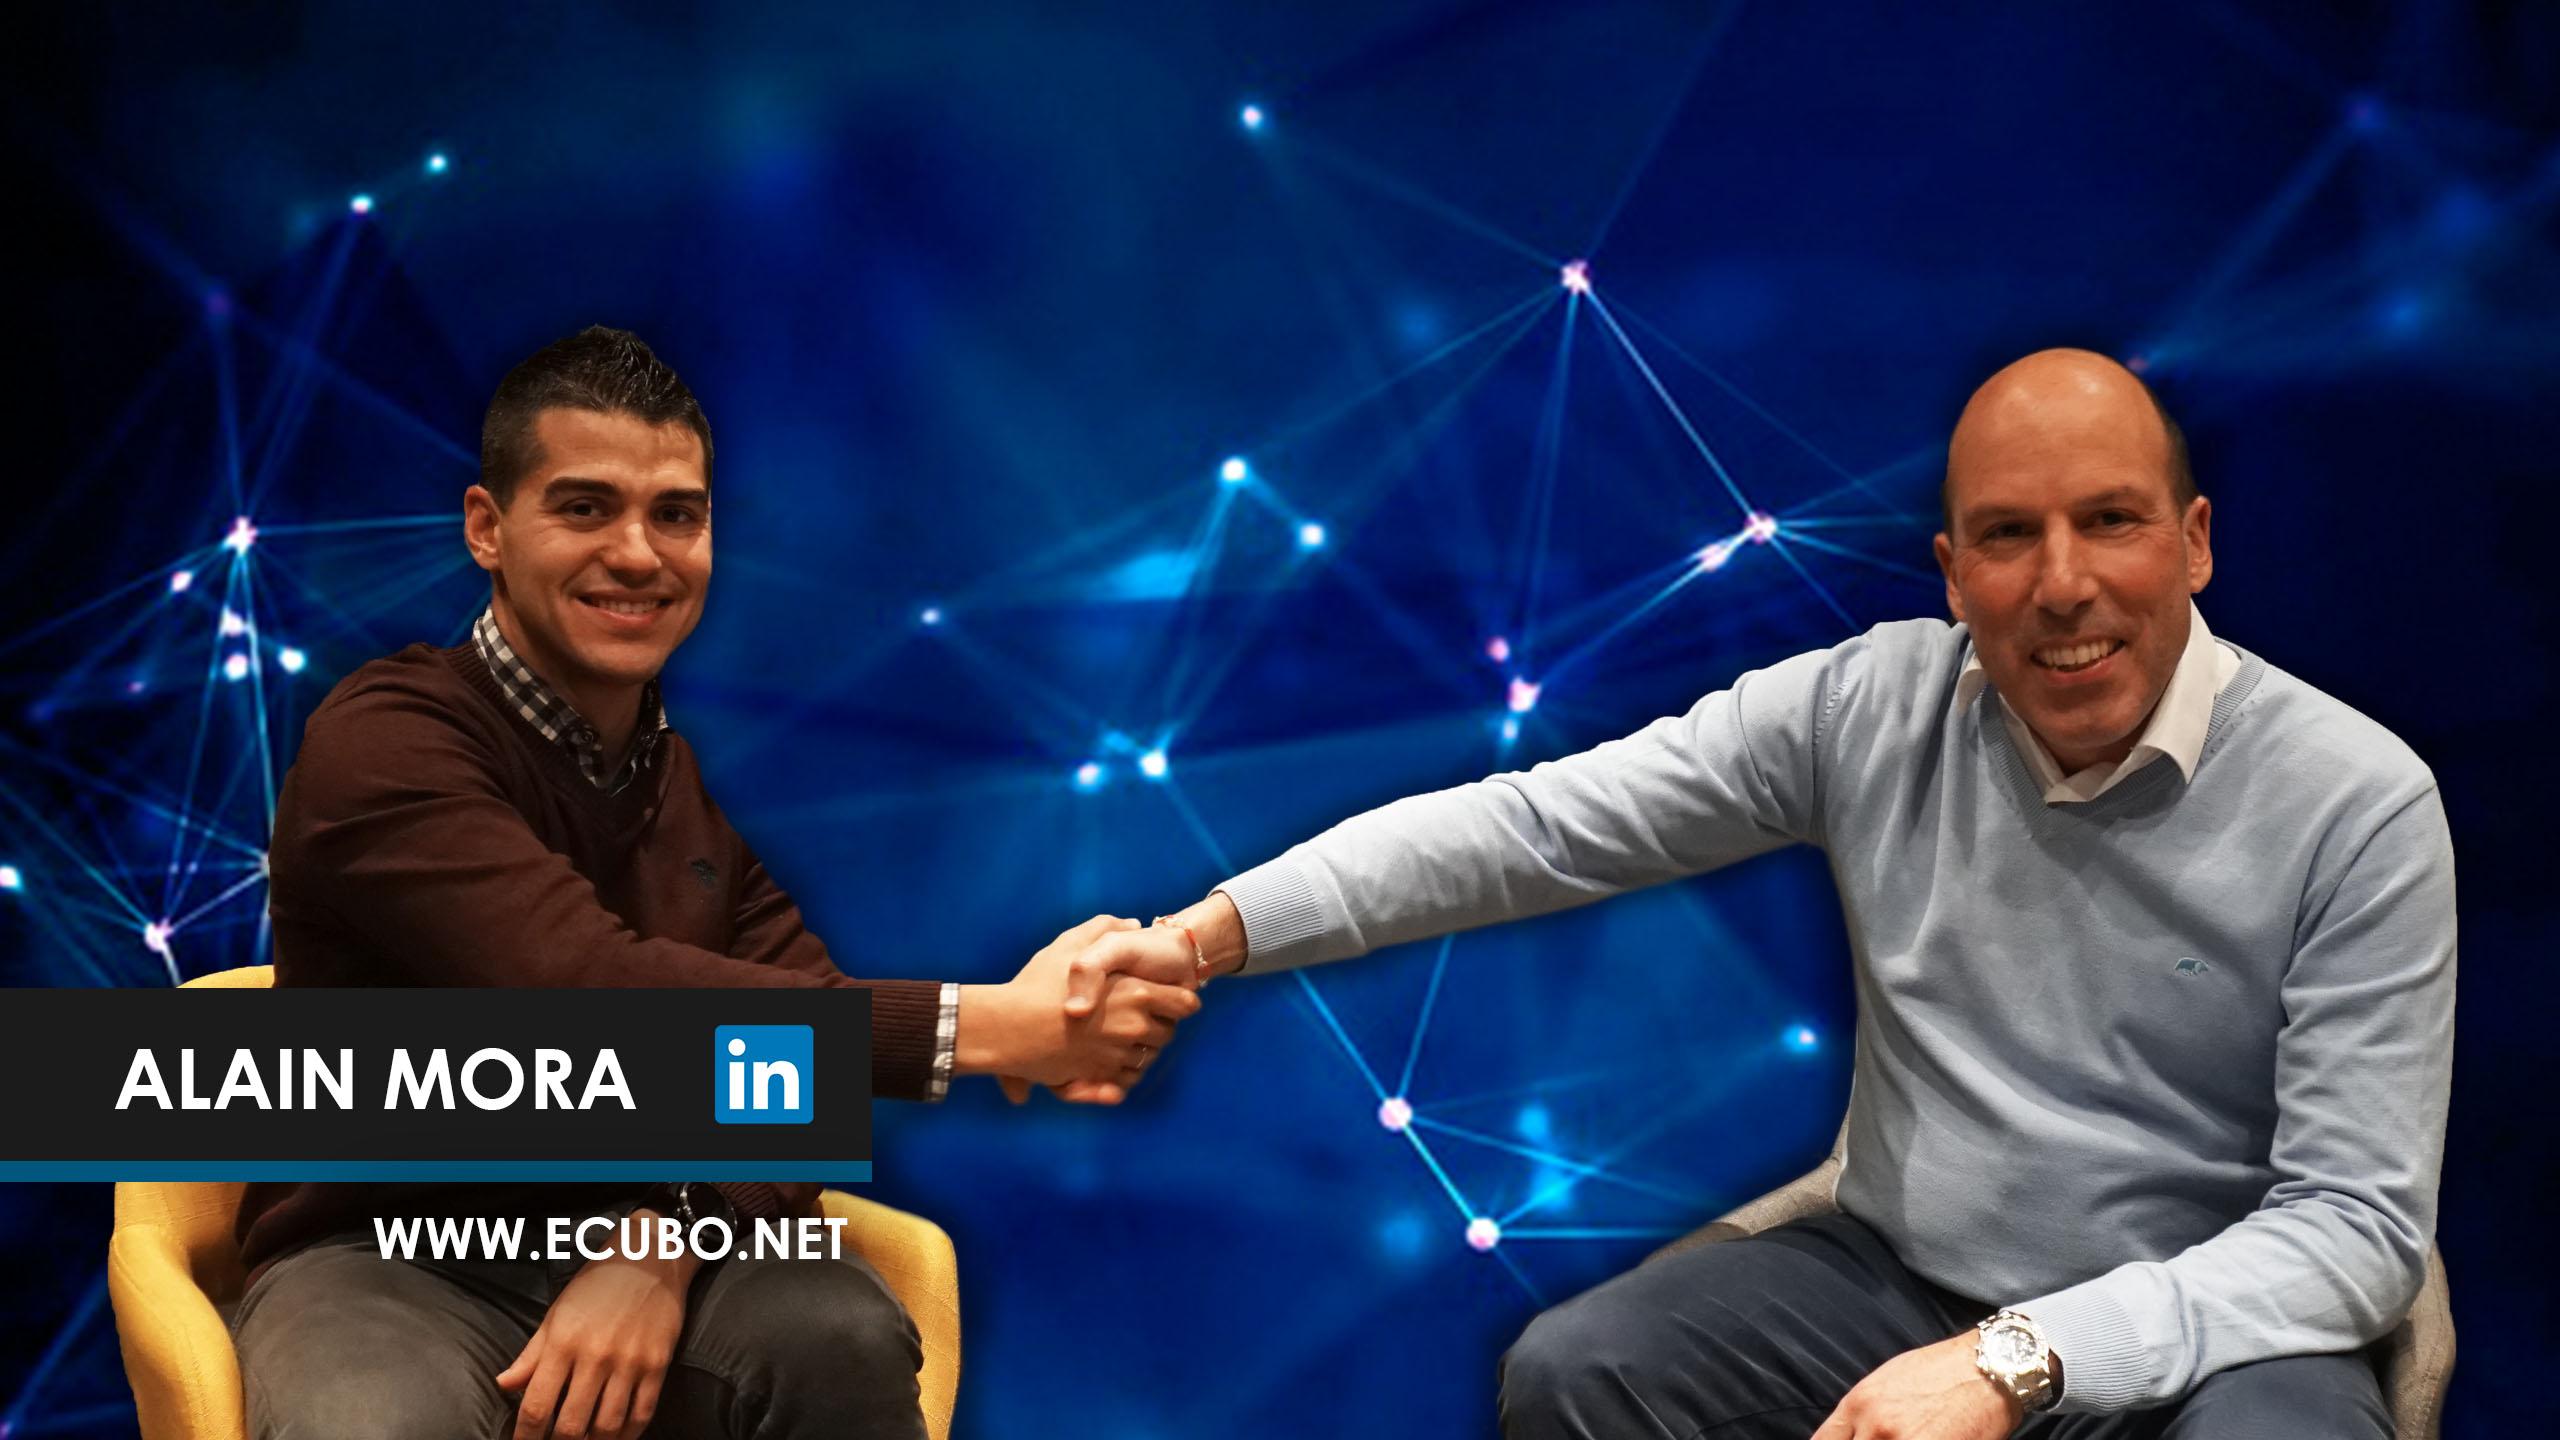 #entrevistandoaprofesionales Alain Mora (Ecubo)